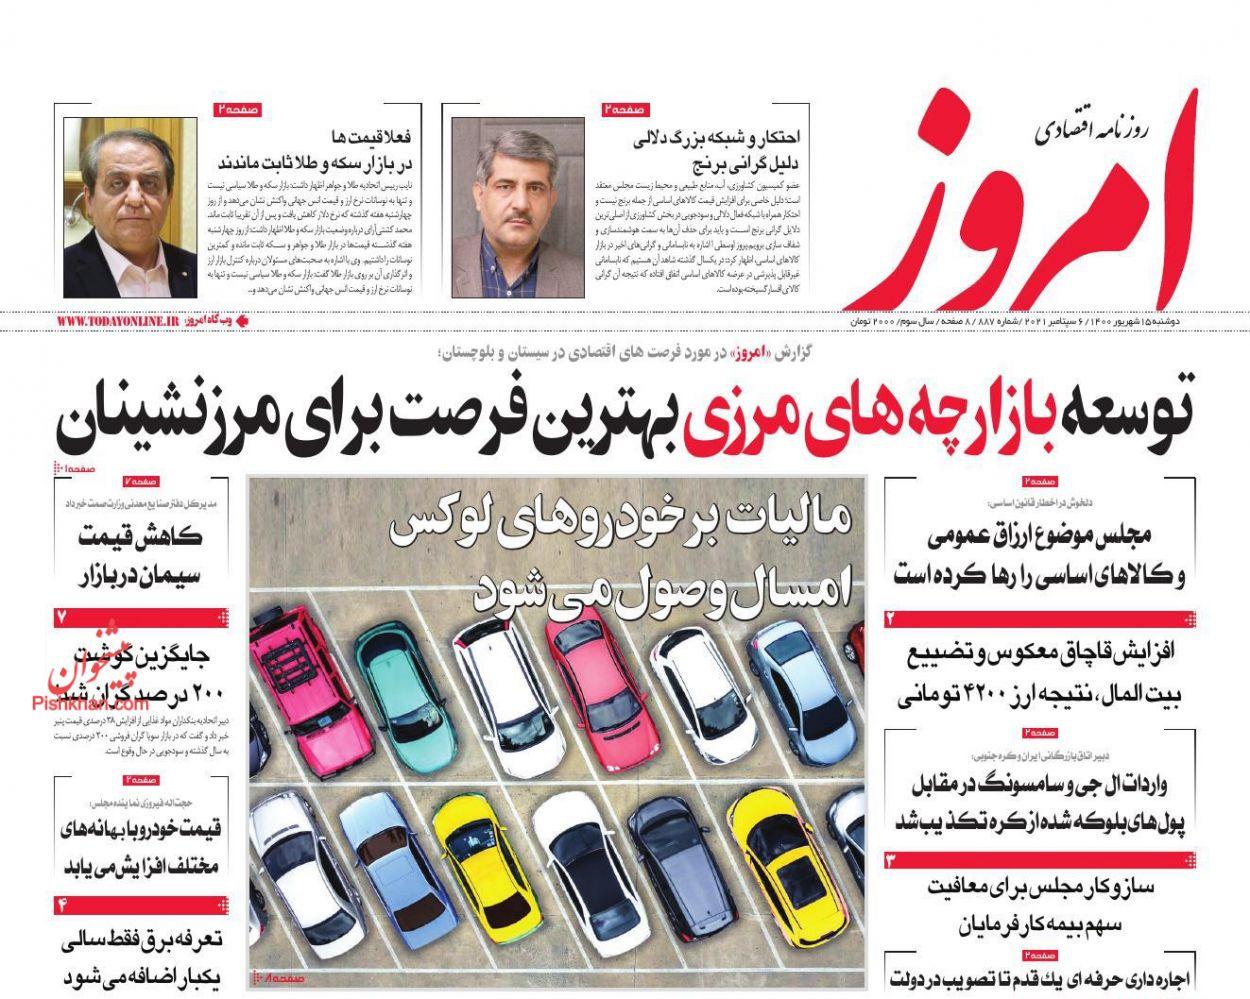 عناوین اخبار روزنامه امروز در روز دوشنبه ۱۵ شهريور